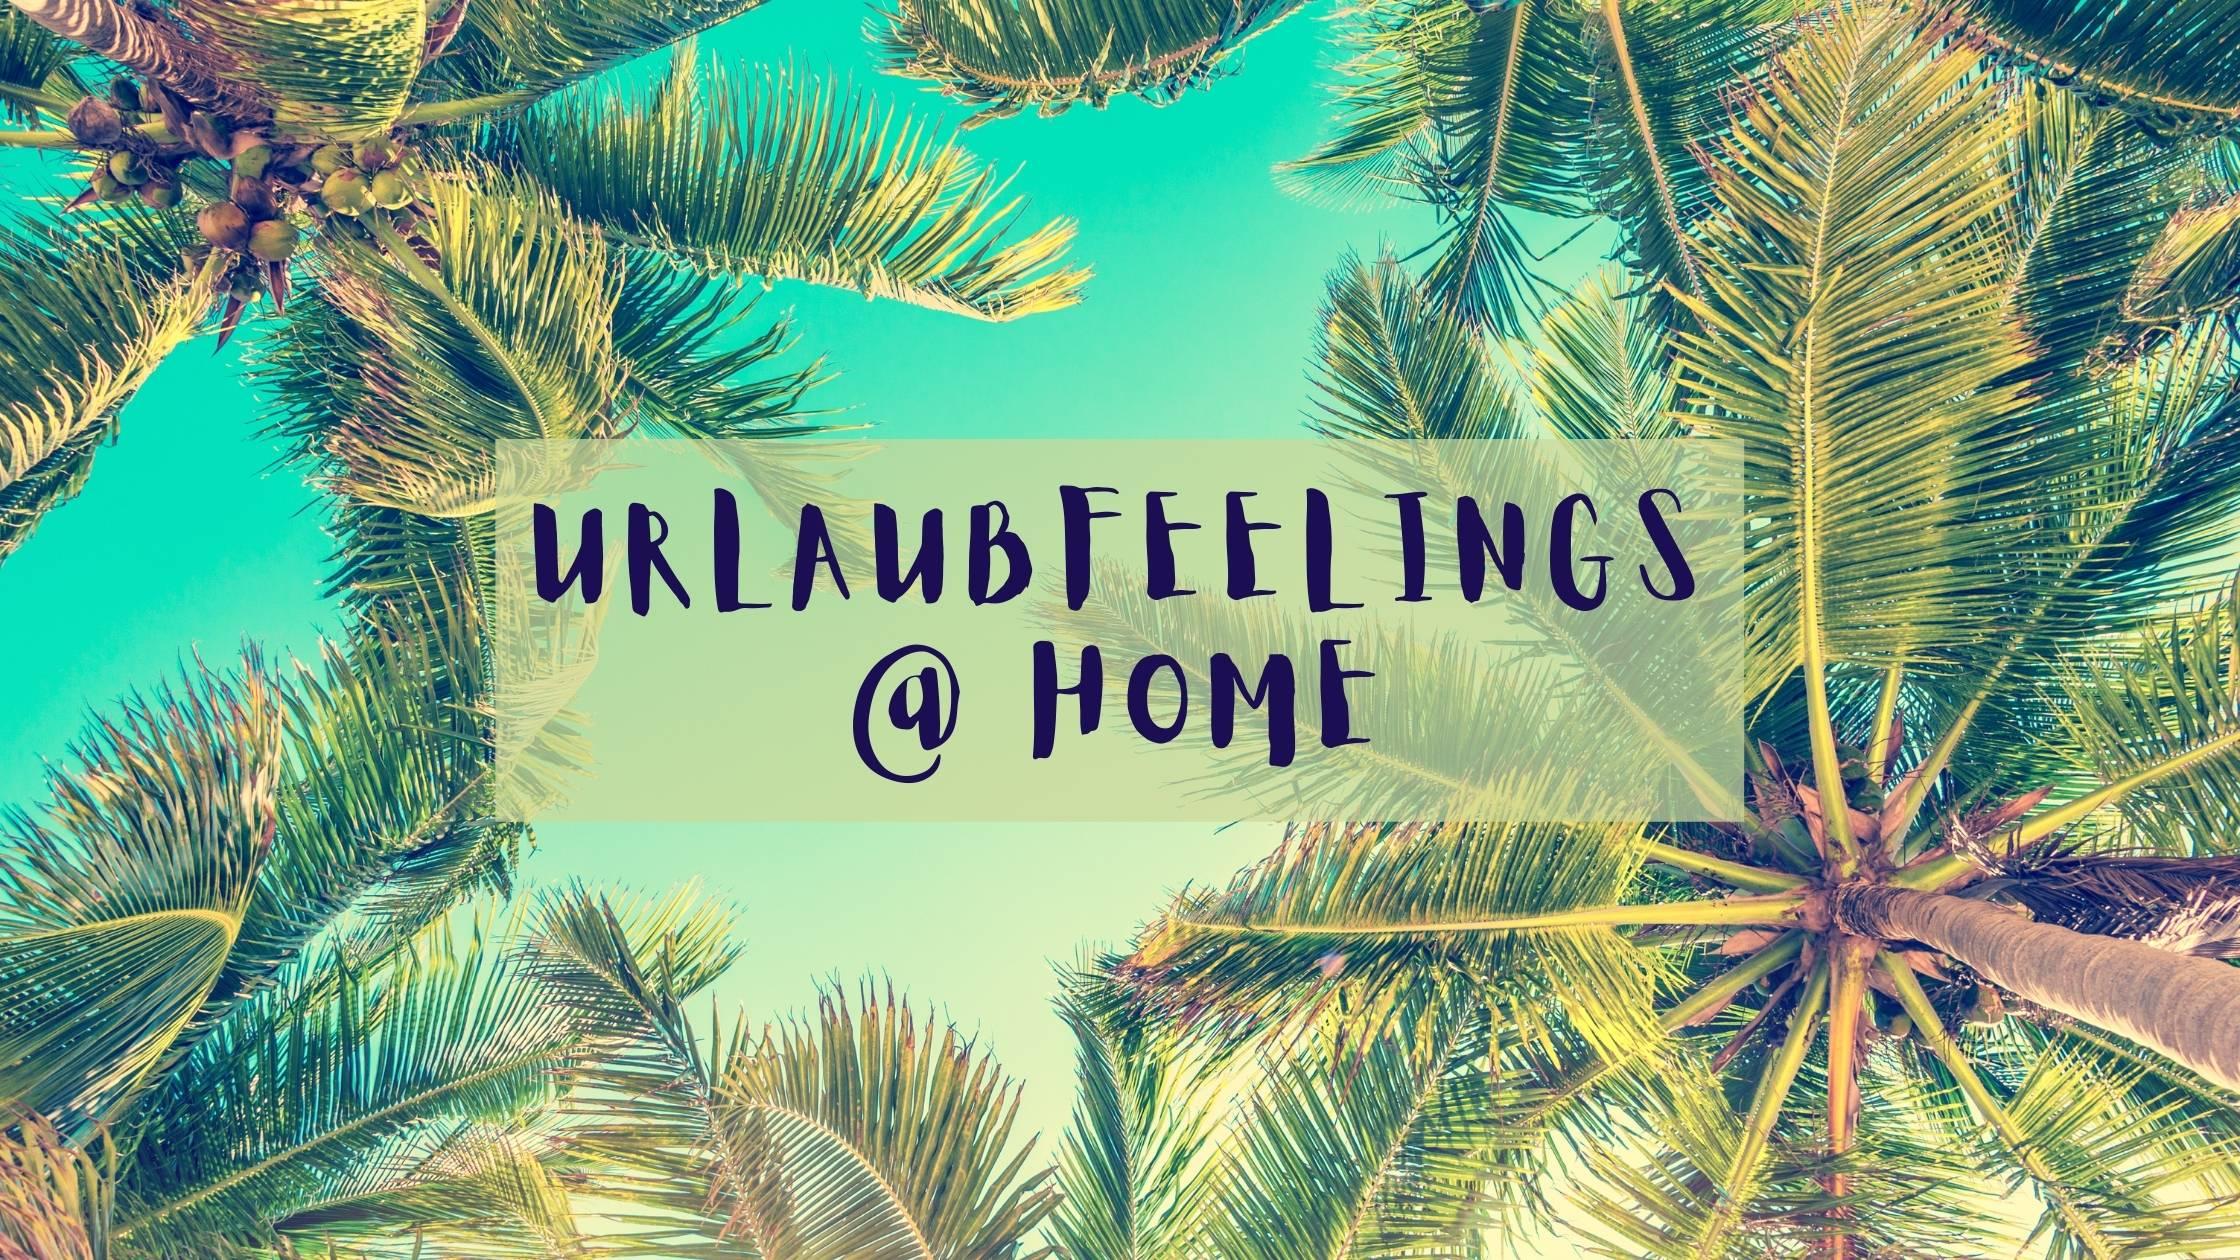 Urlaubfeelings @ Home